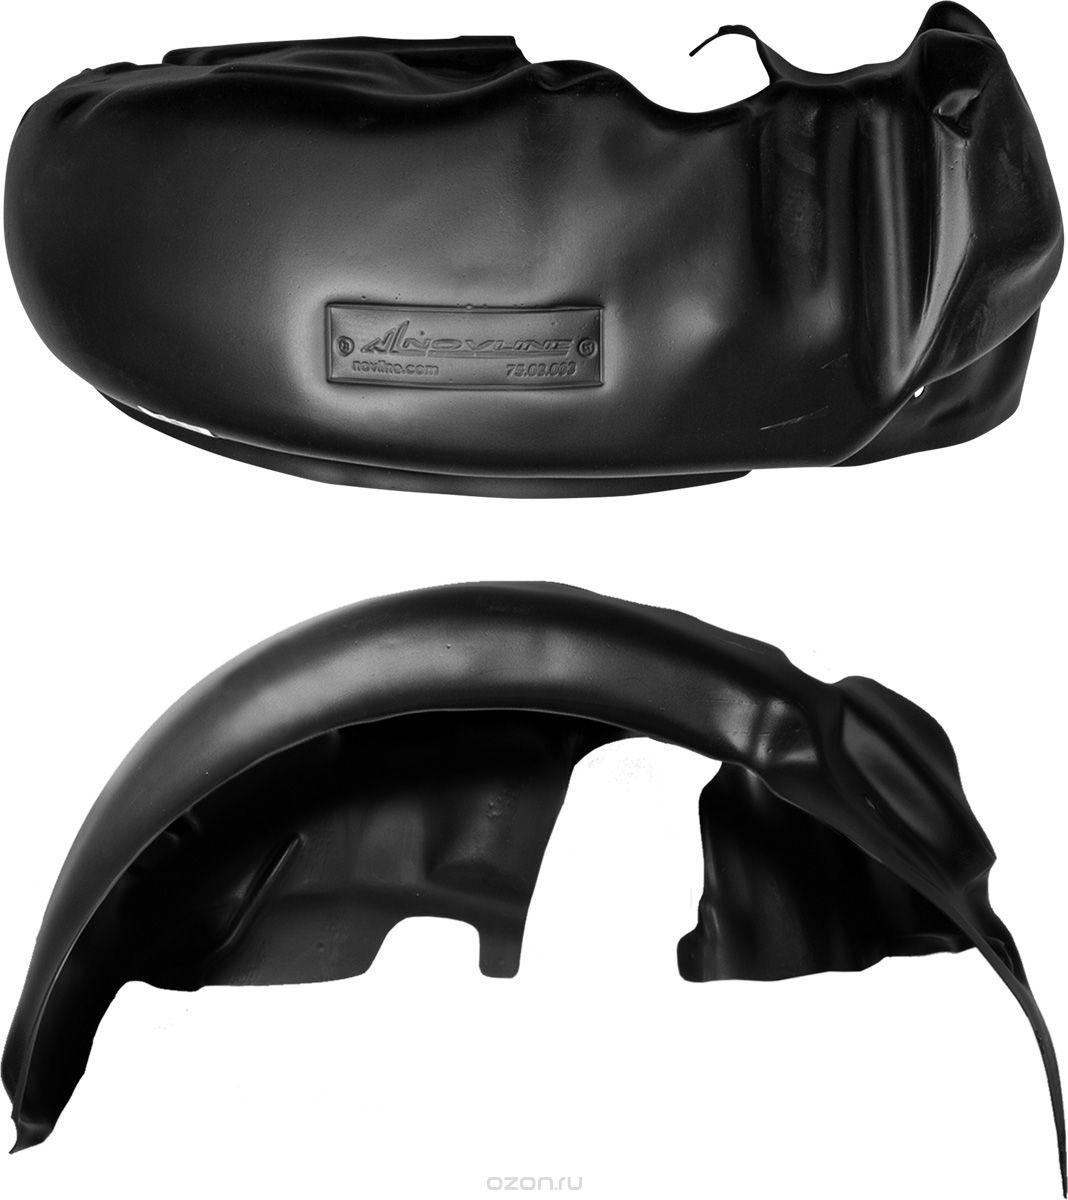 Подкрылок Novline-Autofamily, для Citroen Jumper, 08/2014->, с расширителями арок, передний правыйNLL.10.24.002Идеальная защита колесной ниши. Локеры разработаны с применением цифровых технологий, гарантируют максимальную повторяемость поверхности арки. Изделия устанавливаются без нарушения лакокрасочного покрытия автомобиля, каждый подкрылок комплектуется крепежом. Уважаемые клиенты, обращаем ваше внимание, что фотографии на подкрылки универсальные и не отражают реальную форму изделия. При этом само изделие идет точно под размер указанного автомобиля.